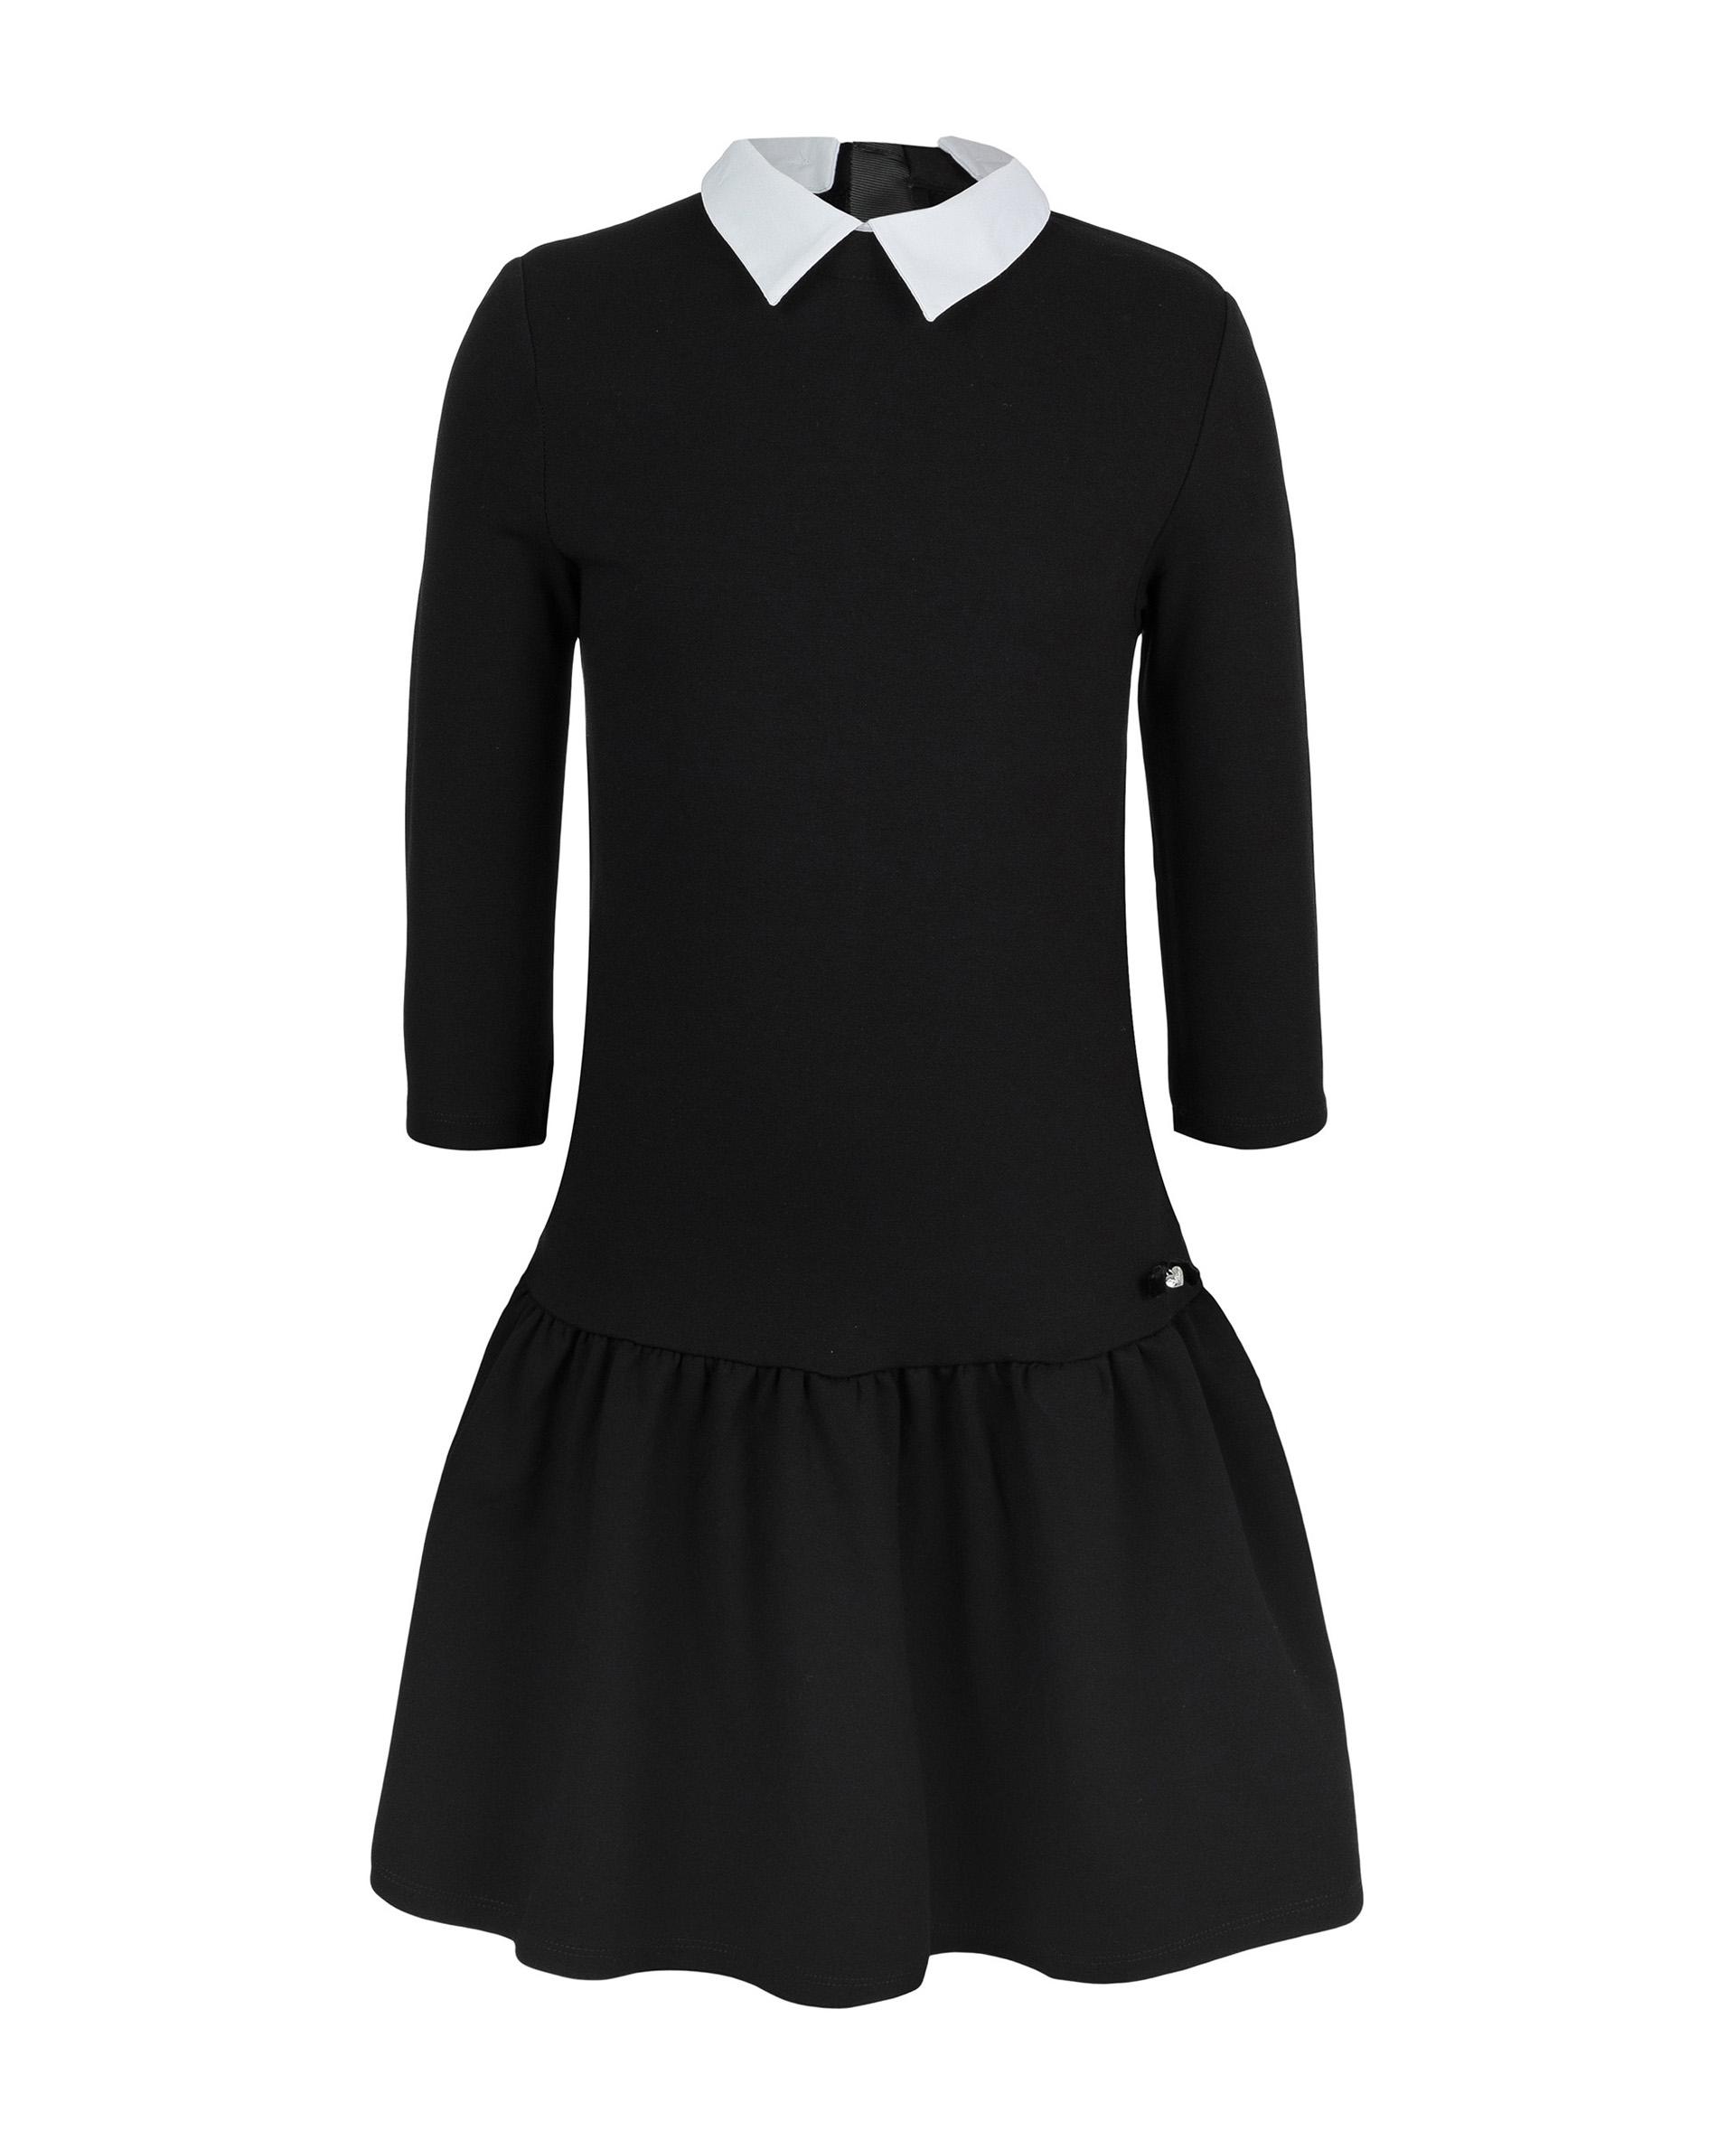 Купить 219GSGC5001, Черное платье Gulliver, черный, 146, Женский, ШКОЛЬНАЯ ФОРМА 2019-2020 (shop: GulliverMarket Gulliver Market)